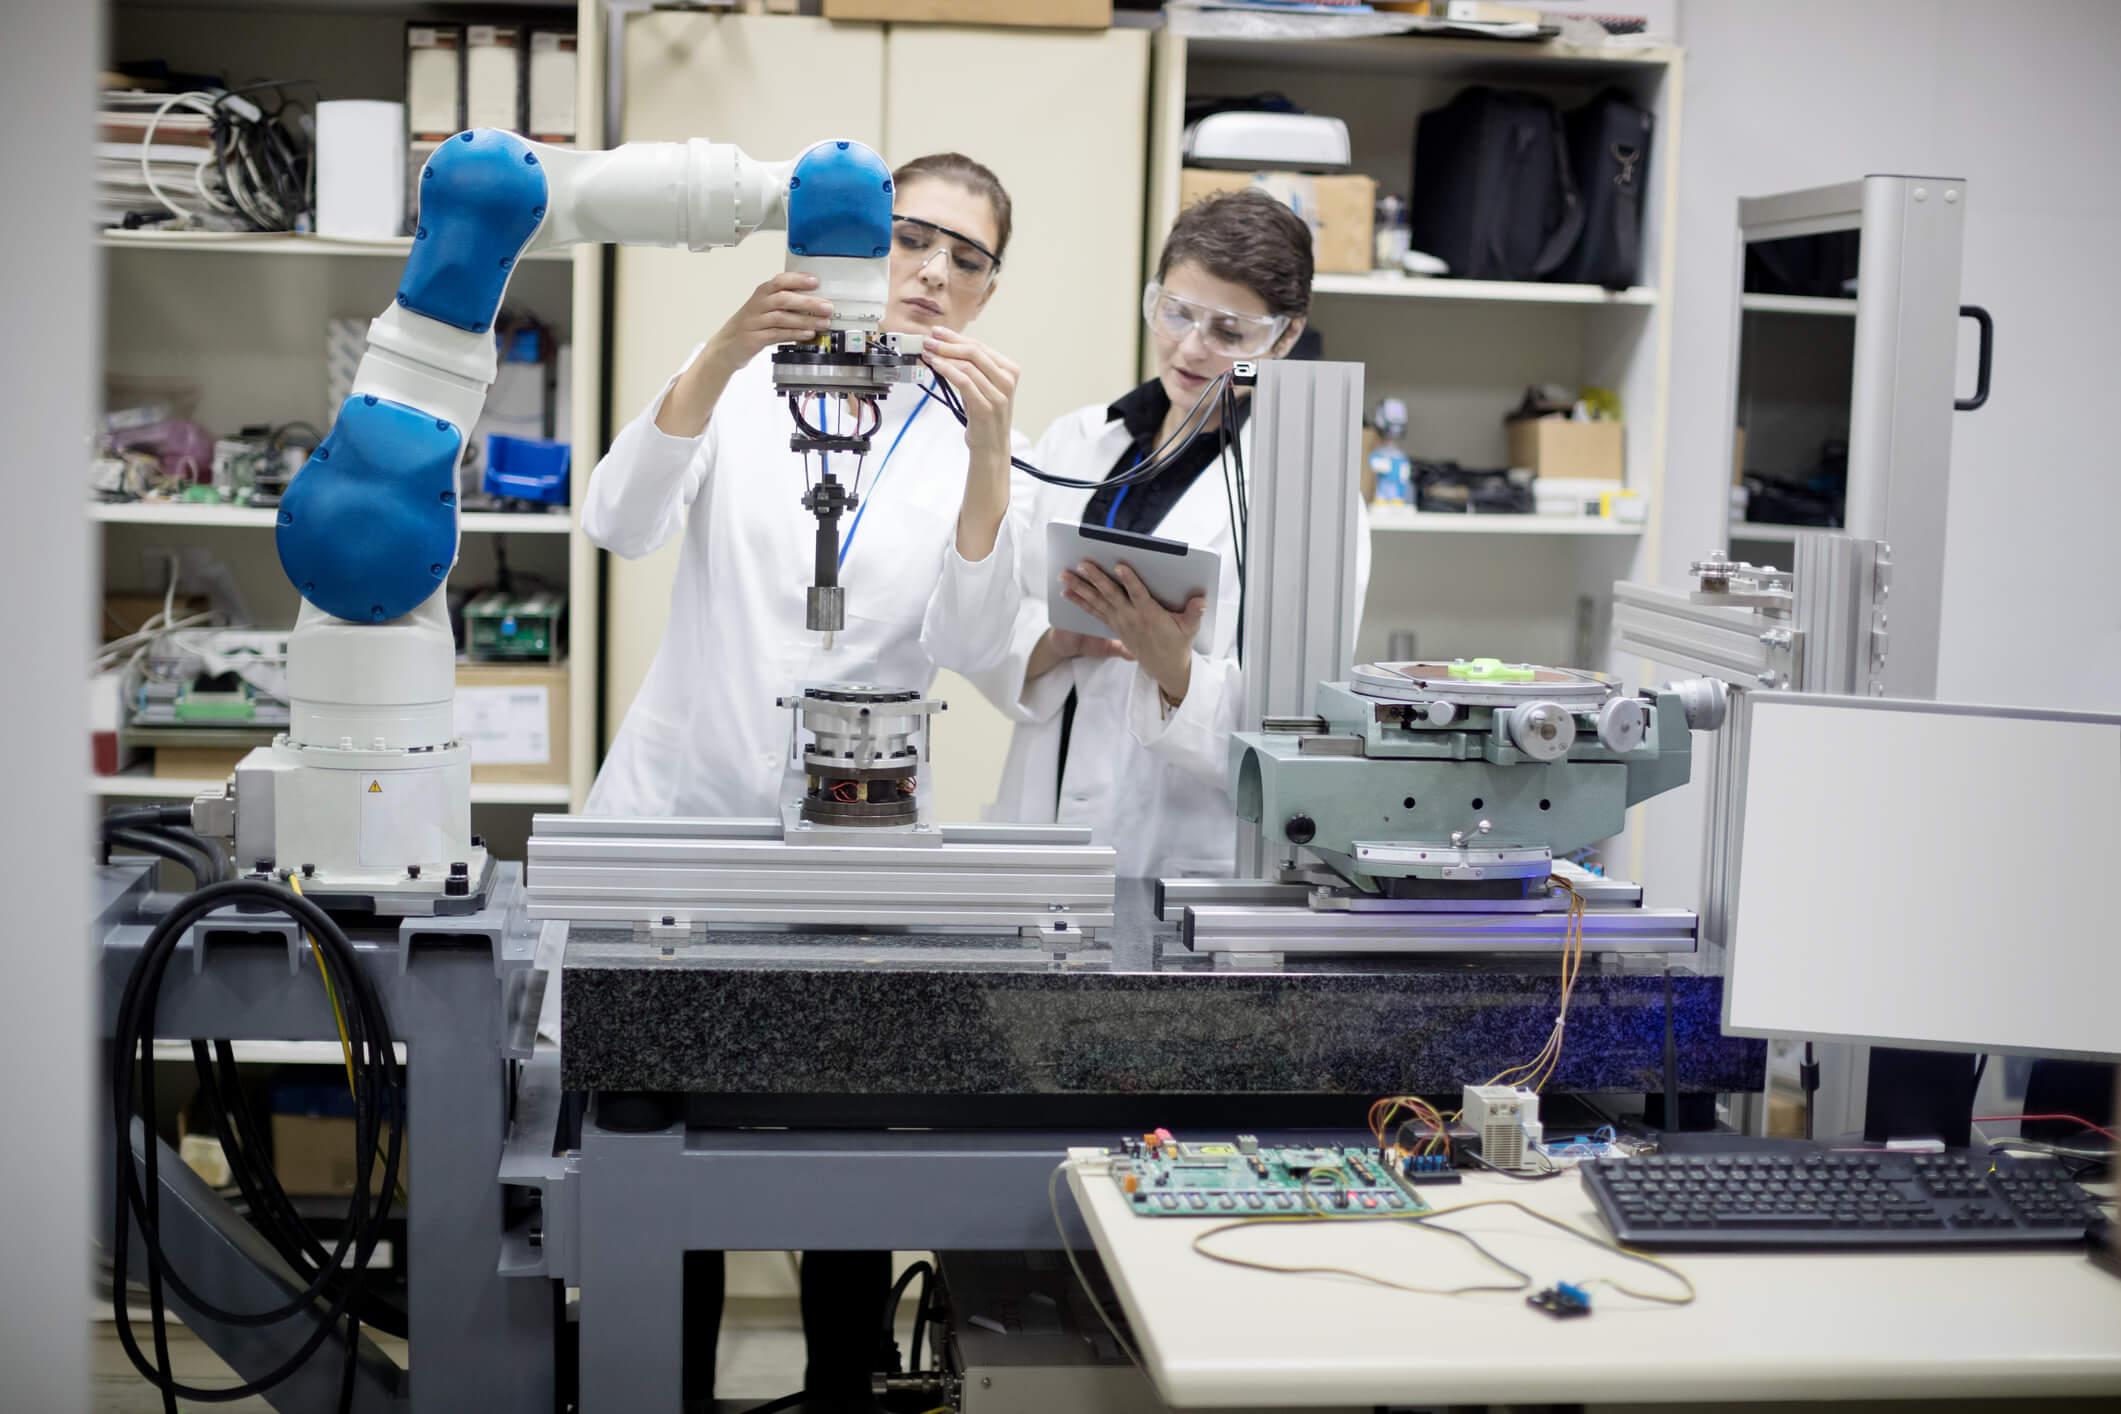 métiers-robots (1).jpg